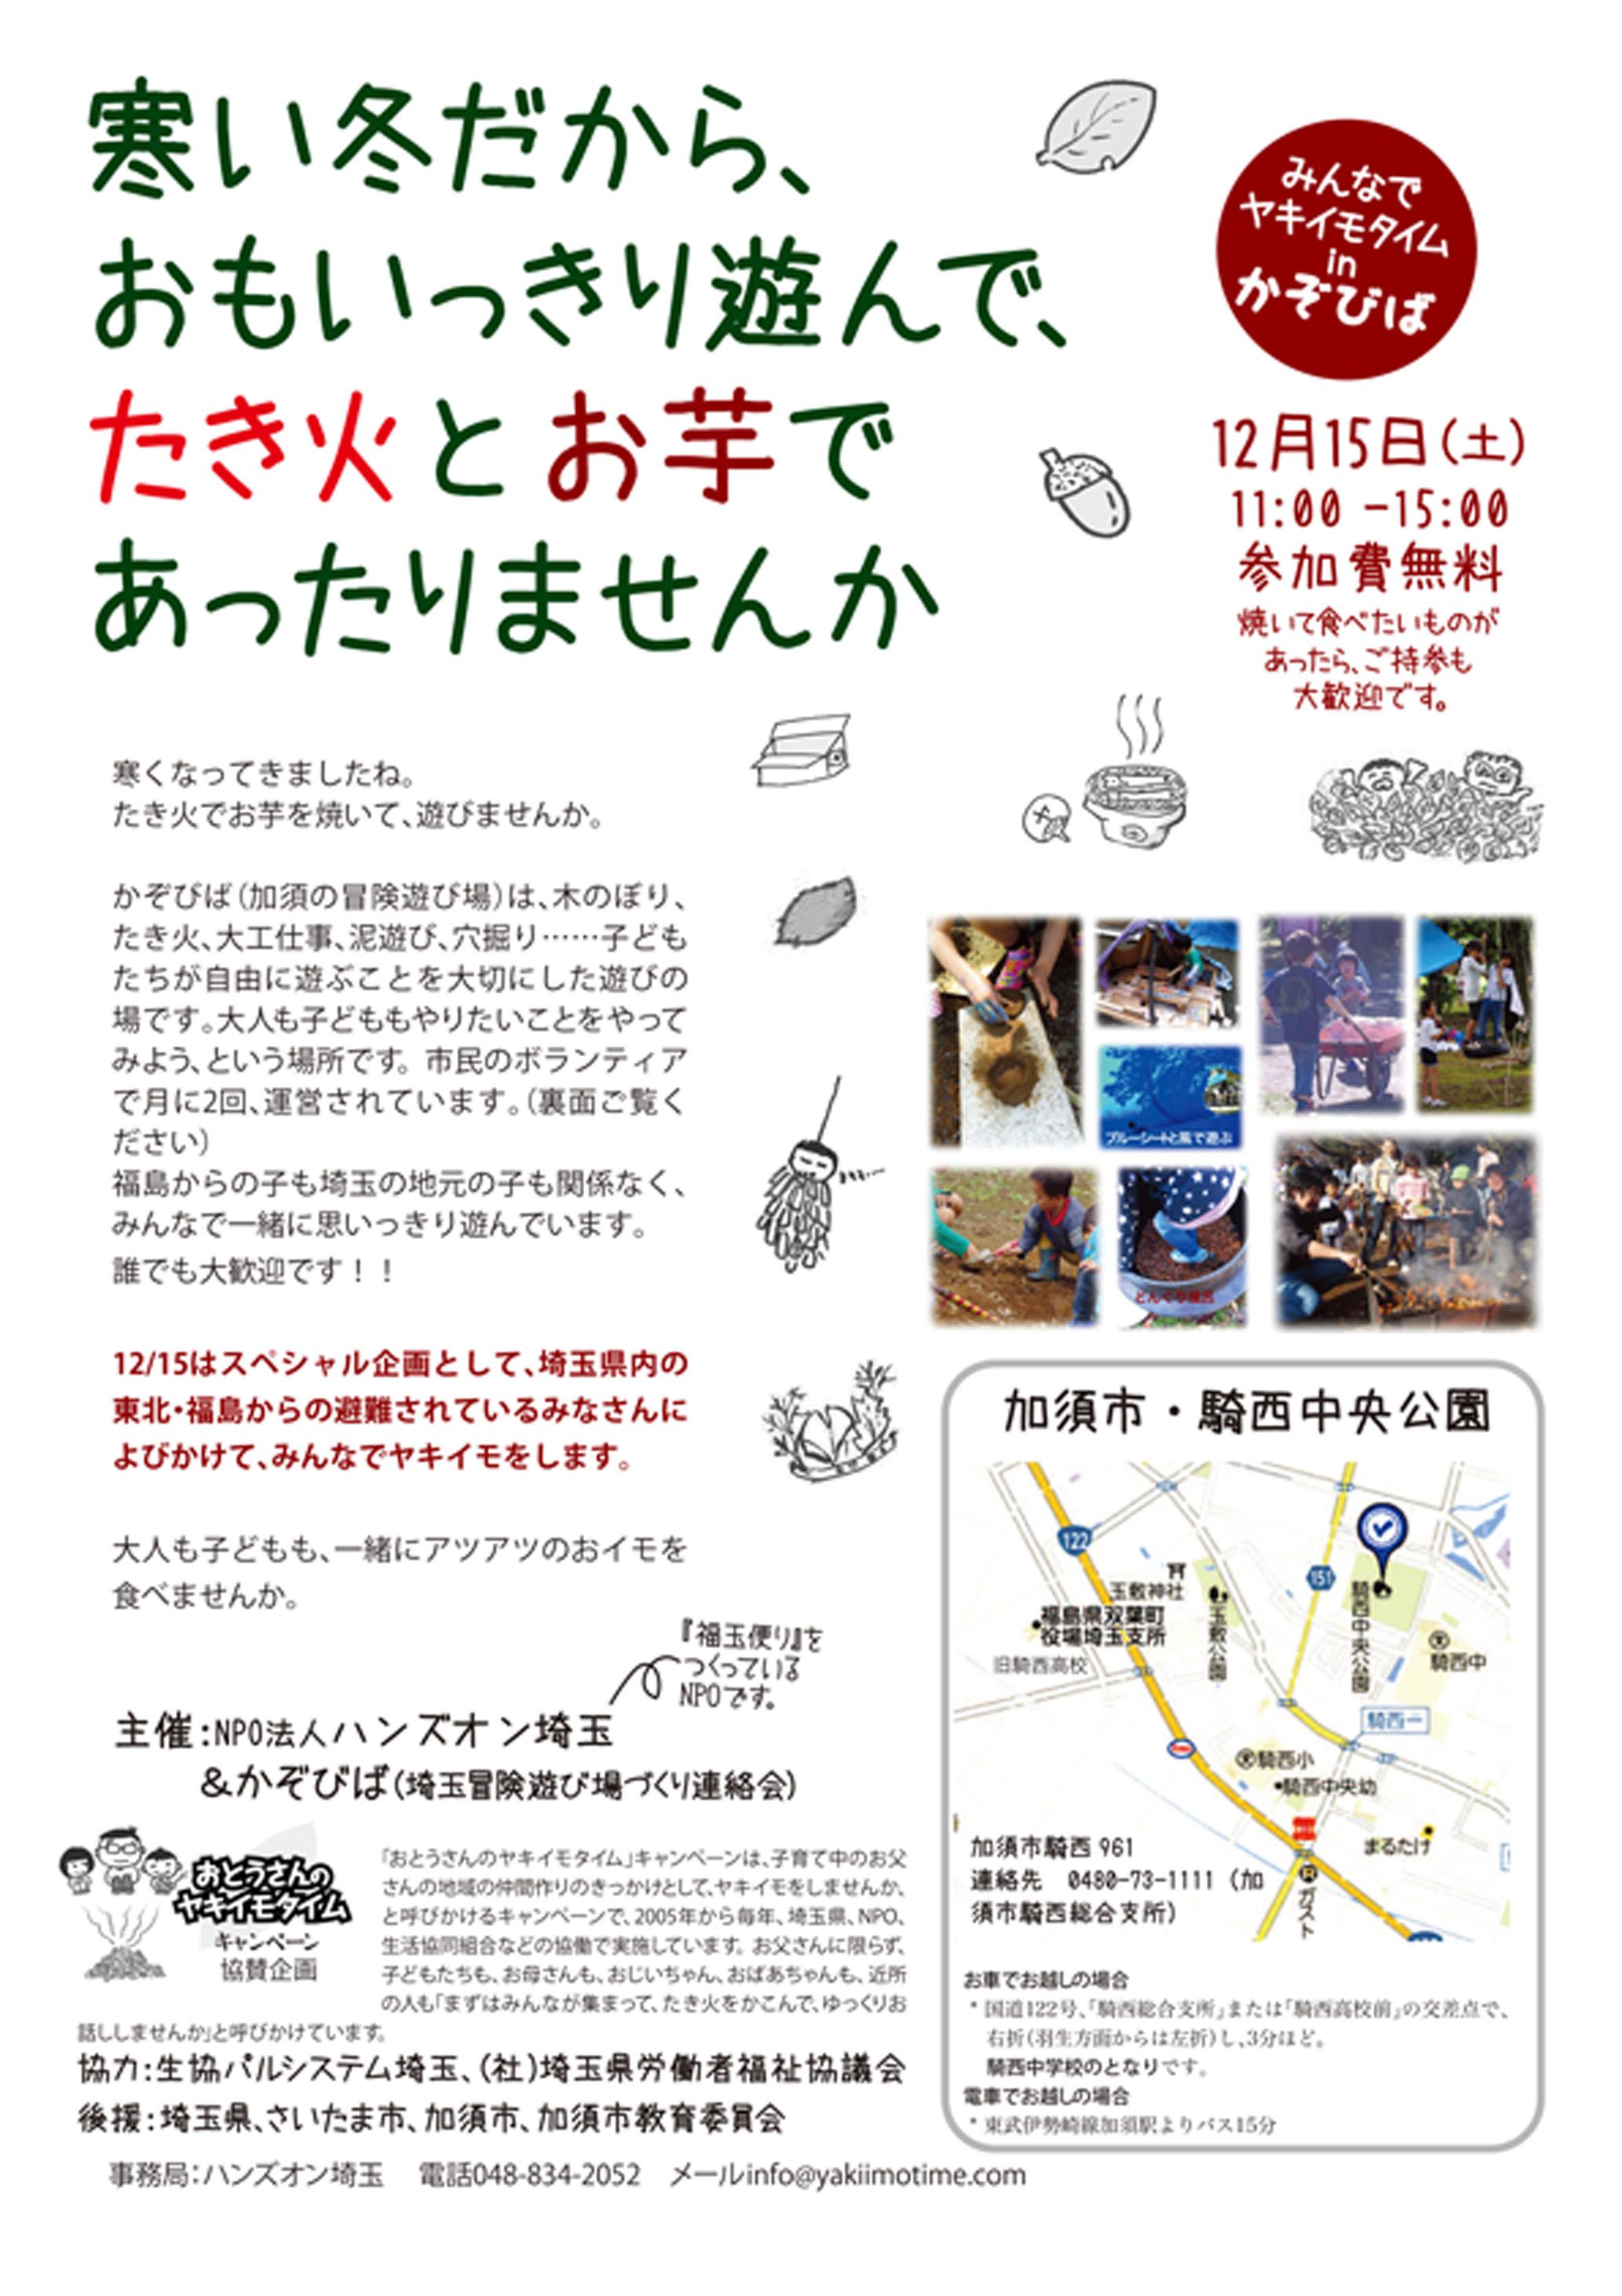 kazoyakiimo4C01.jpg